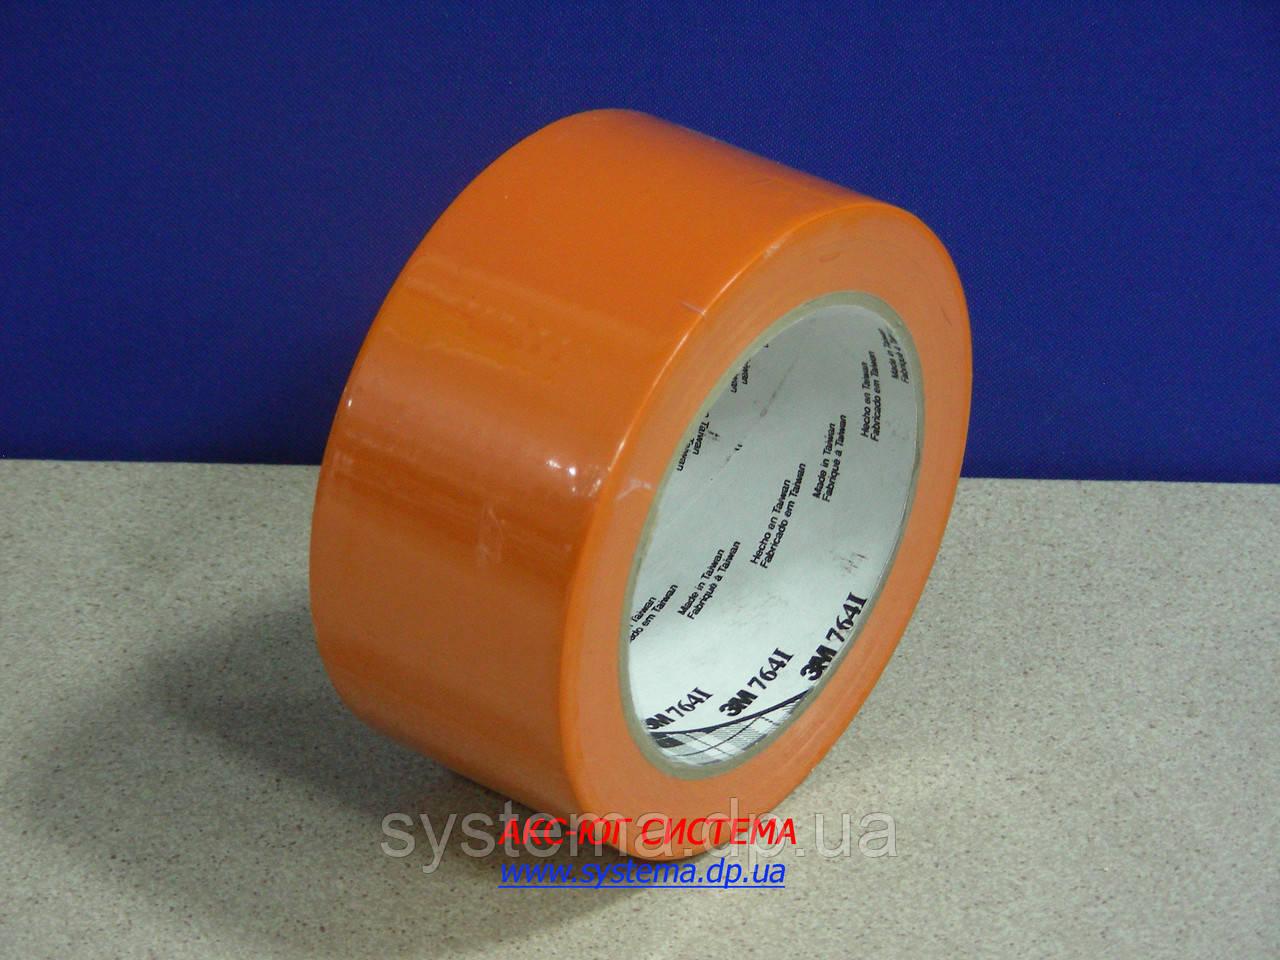 ЗМ™ 764i - Клейкая лента (скотч) на основе ПВХ , 51х0,125 мм, оранжевый, рулон 33 м